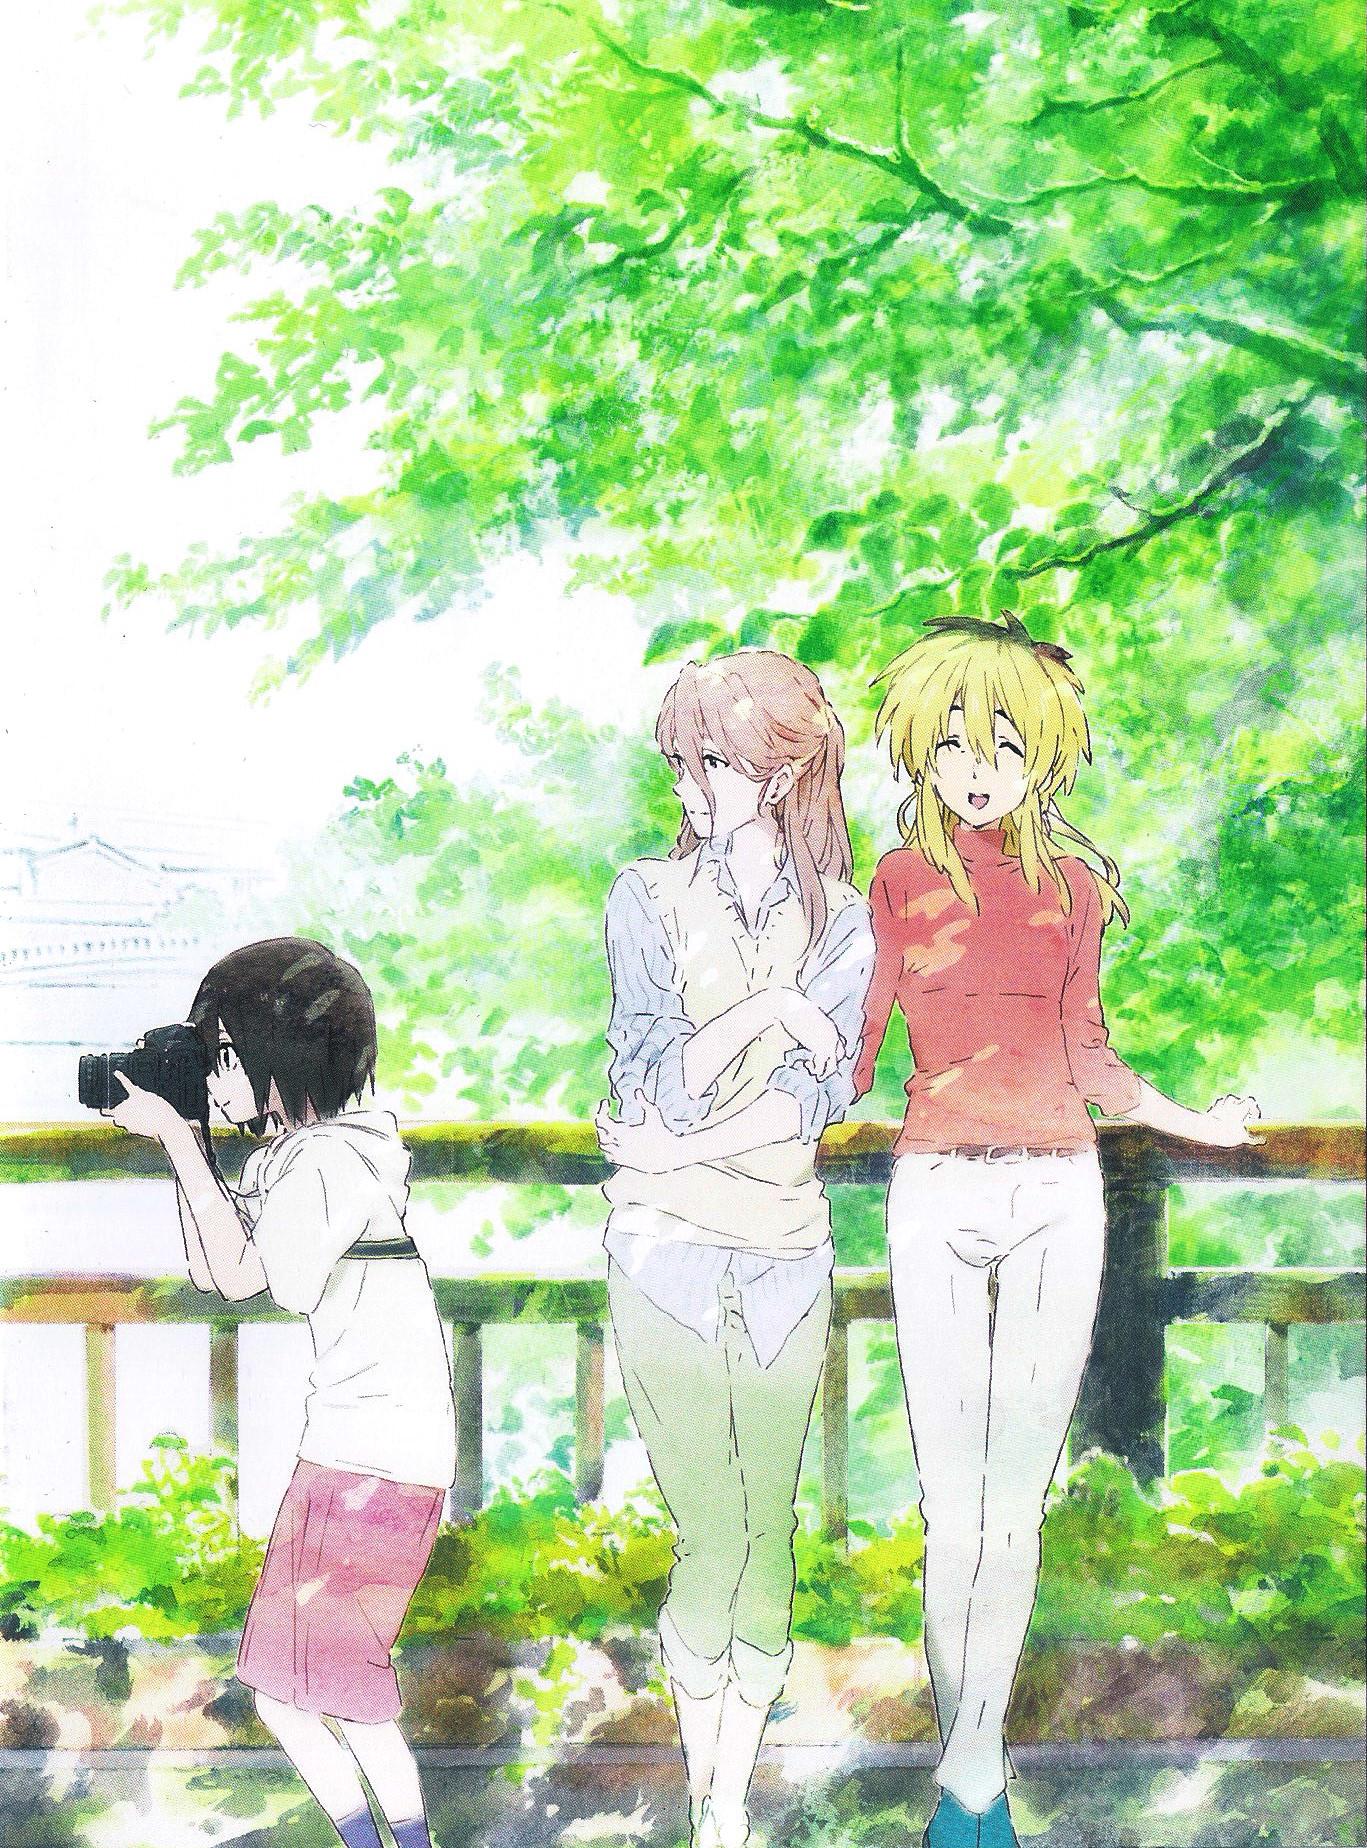 Koe no Katachi (A Silent Voice) Anime films, Anime art